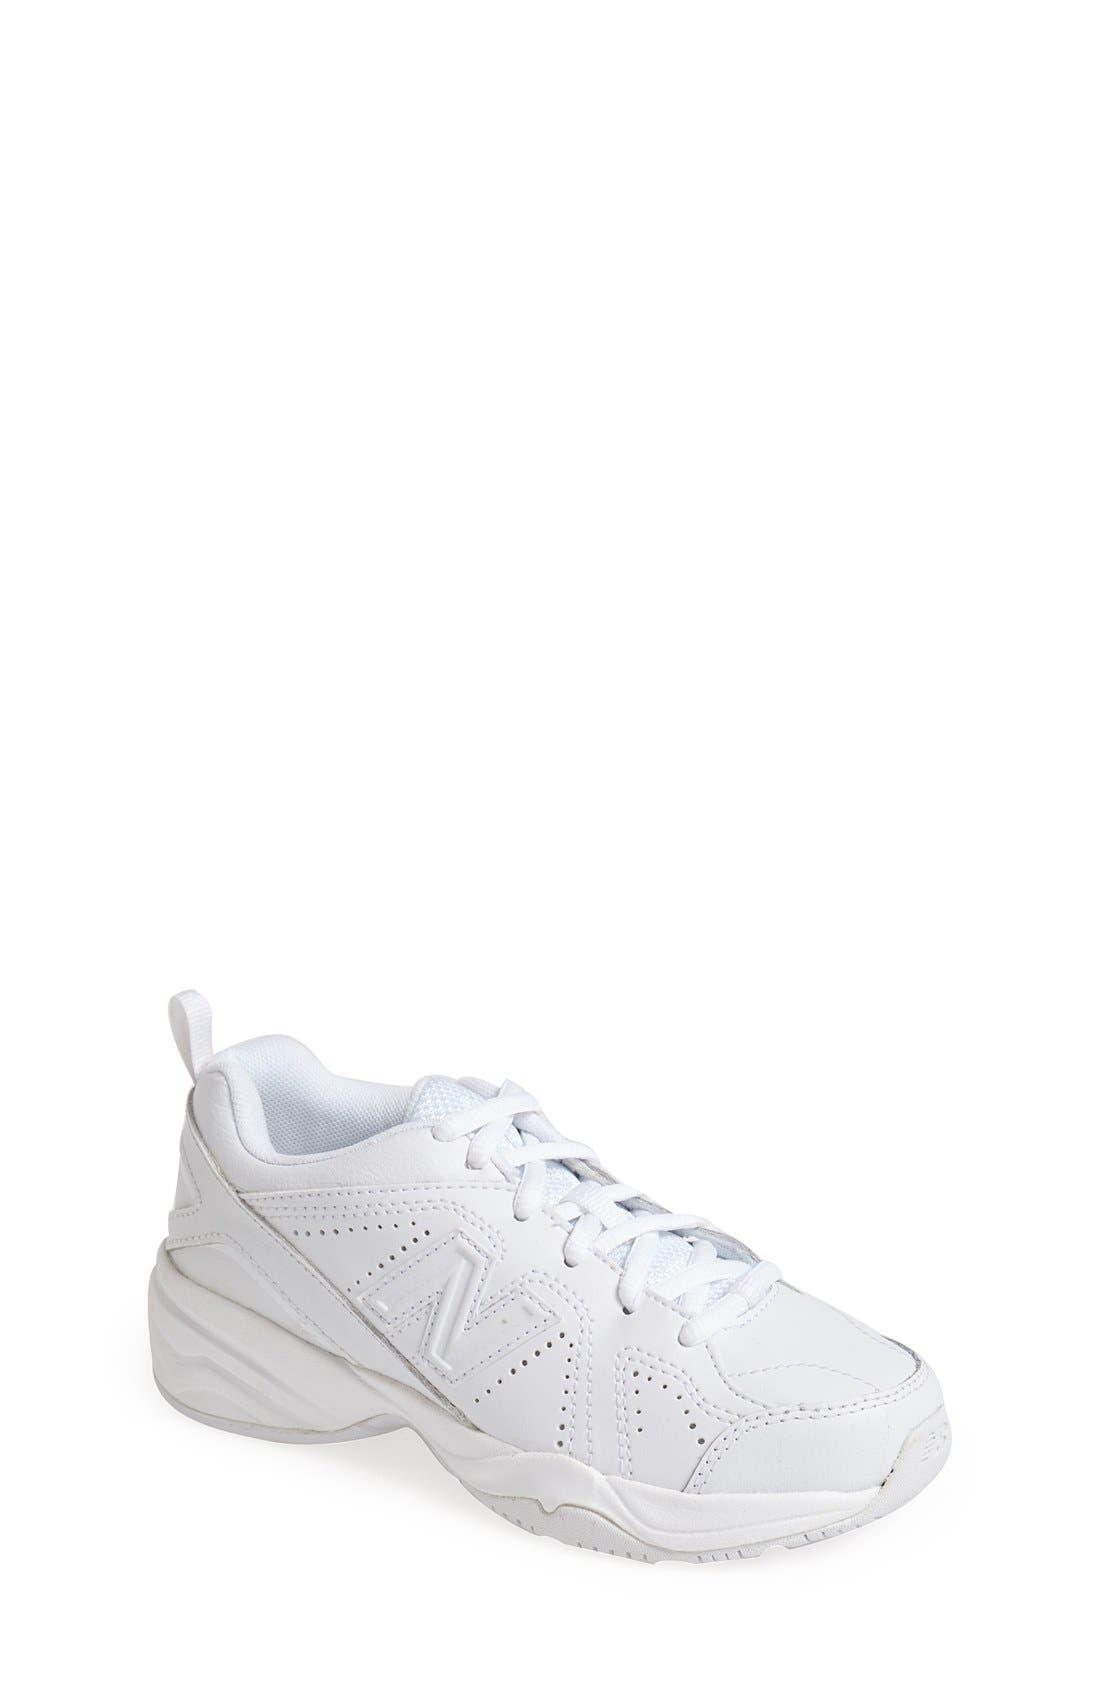 'Takedown 624v2' Sneaker,                             Main thumbnail 1, color,                             100